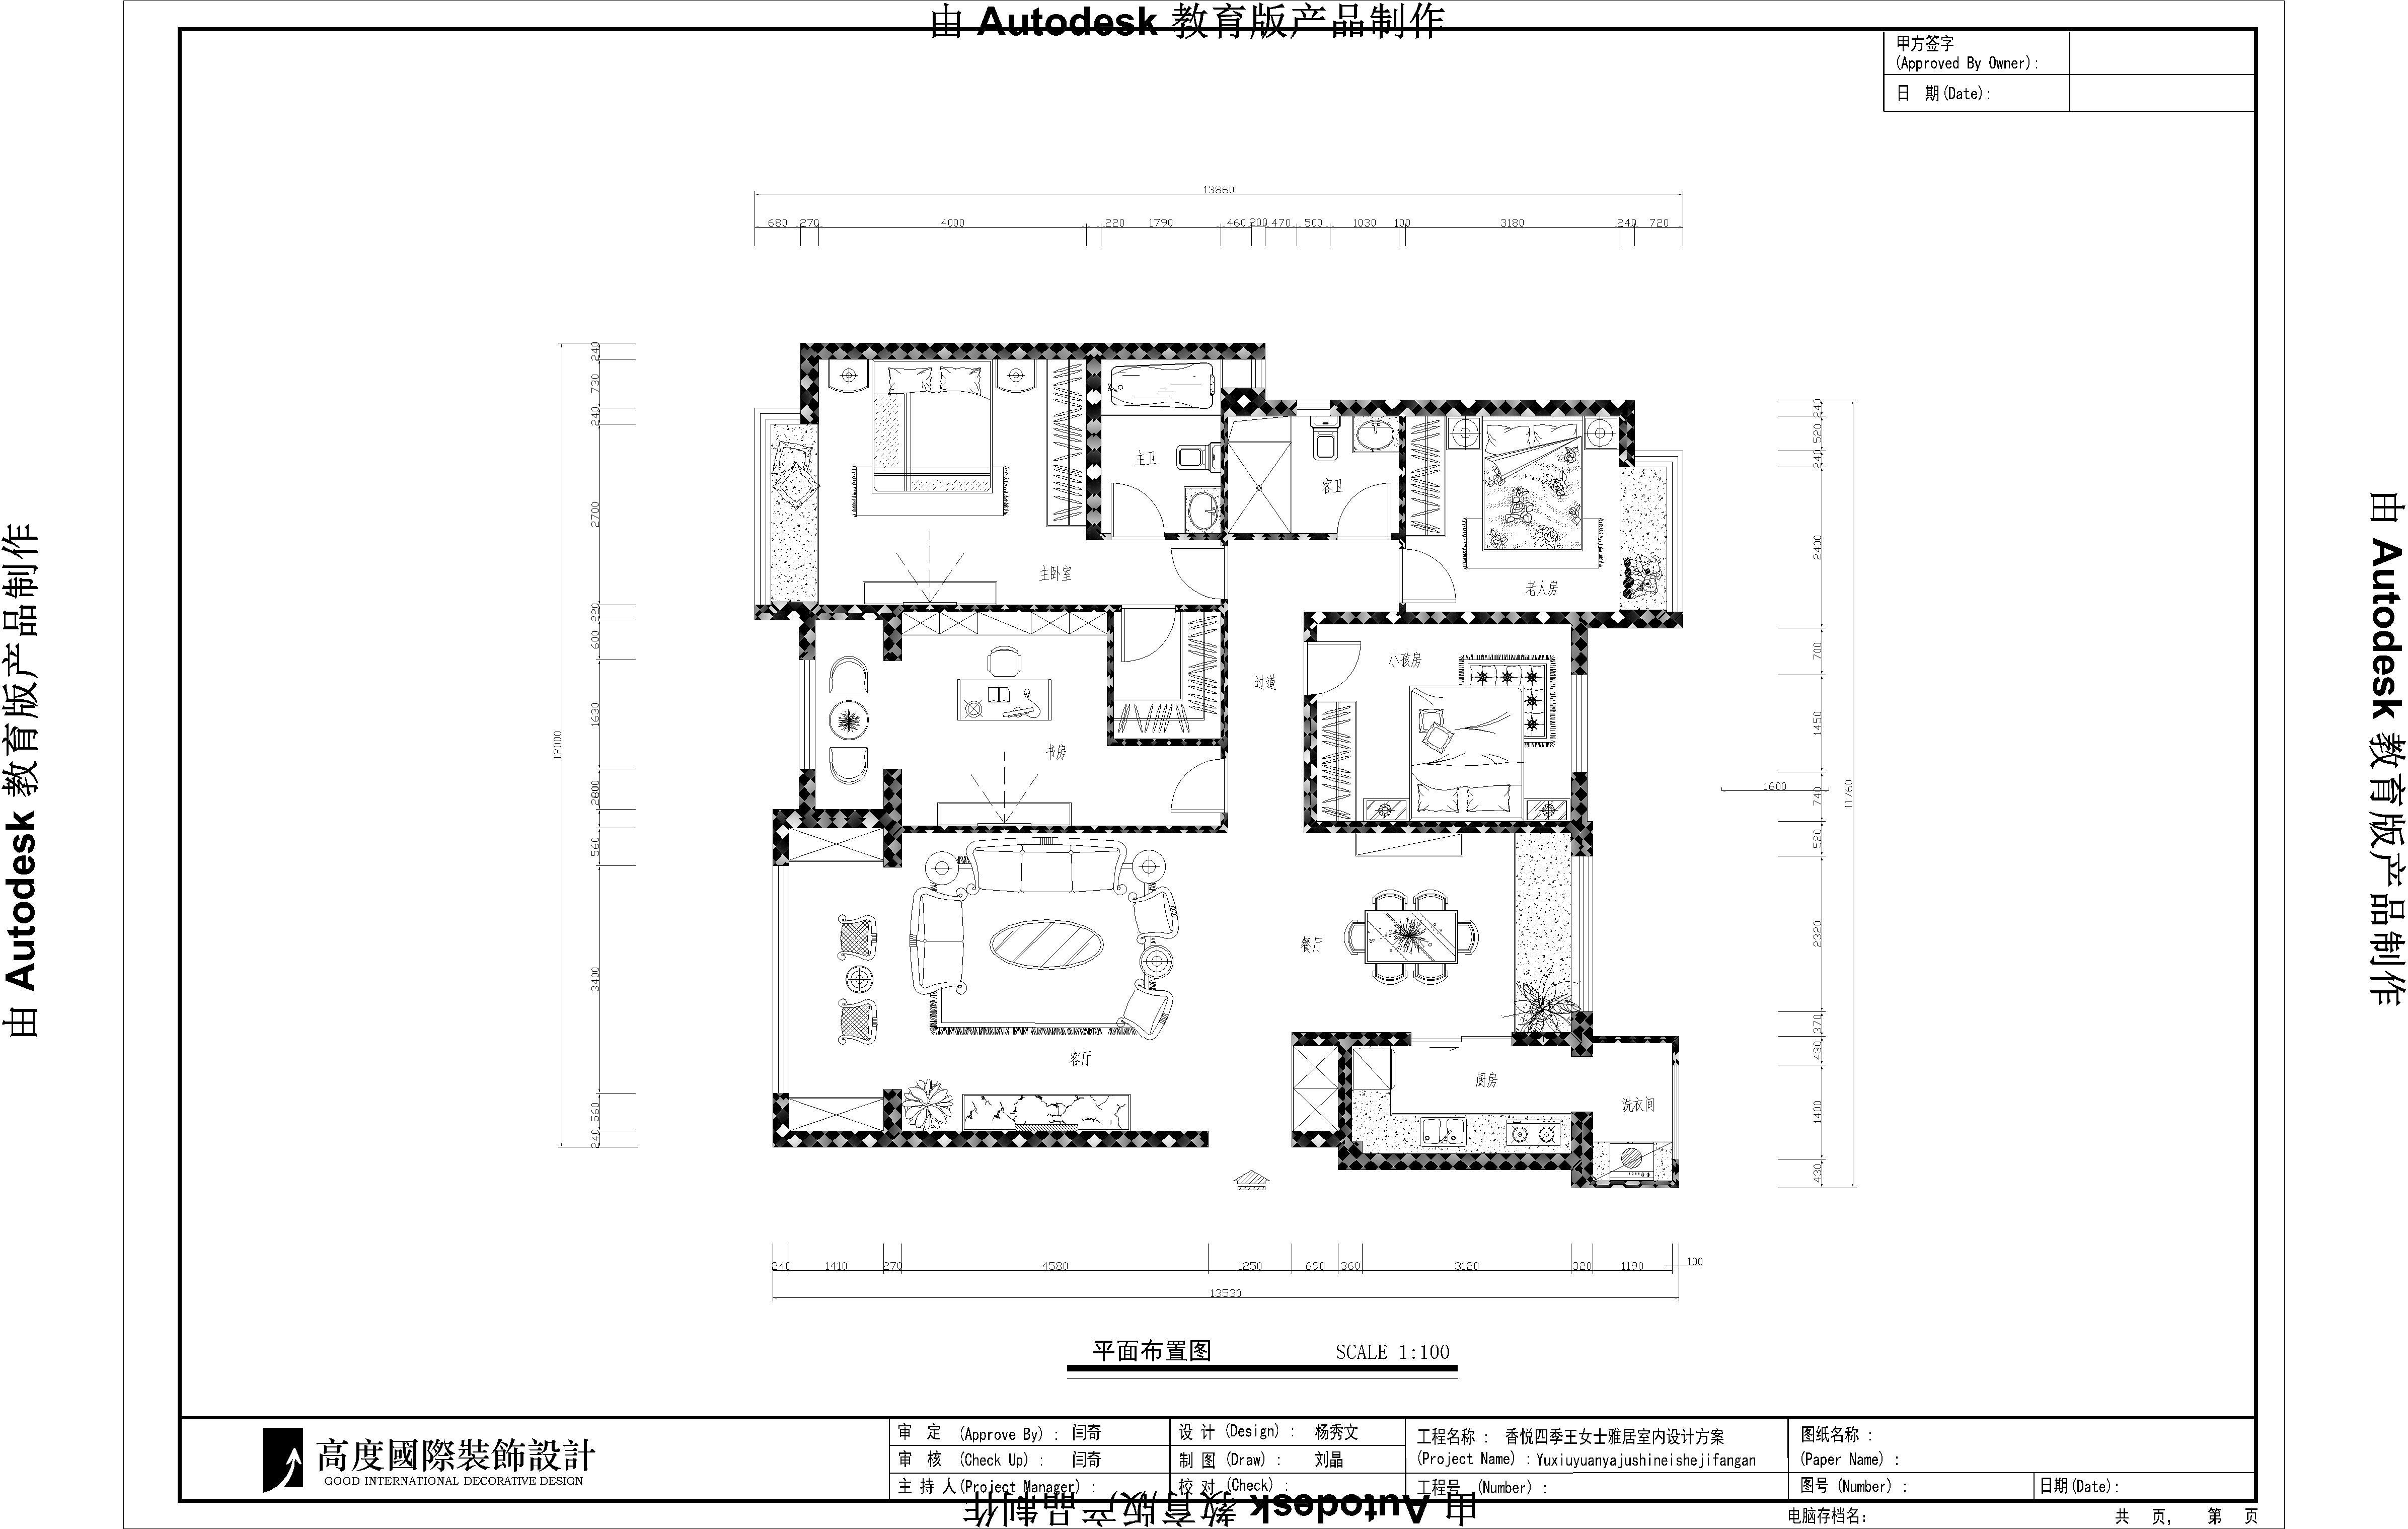 简约 欧式 公寓 高度国际 高富帅 户型图图片来自重庆高度国际装饰工程有限公司在香悦四季-简欧风格的分享